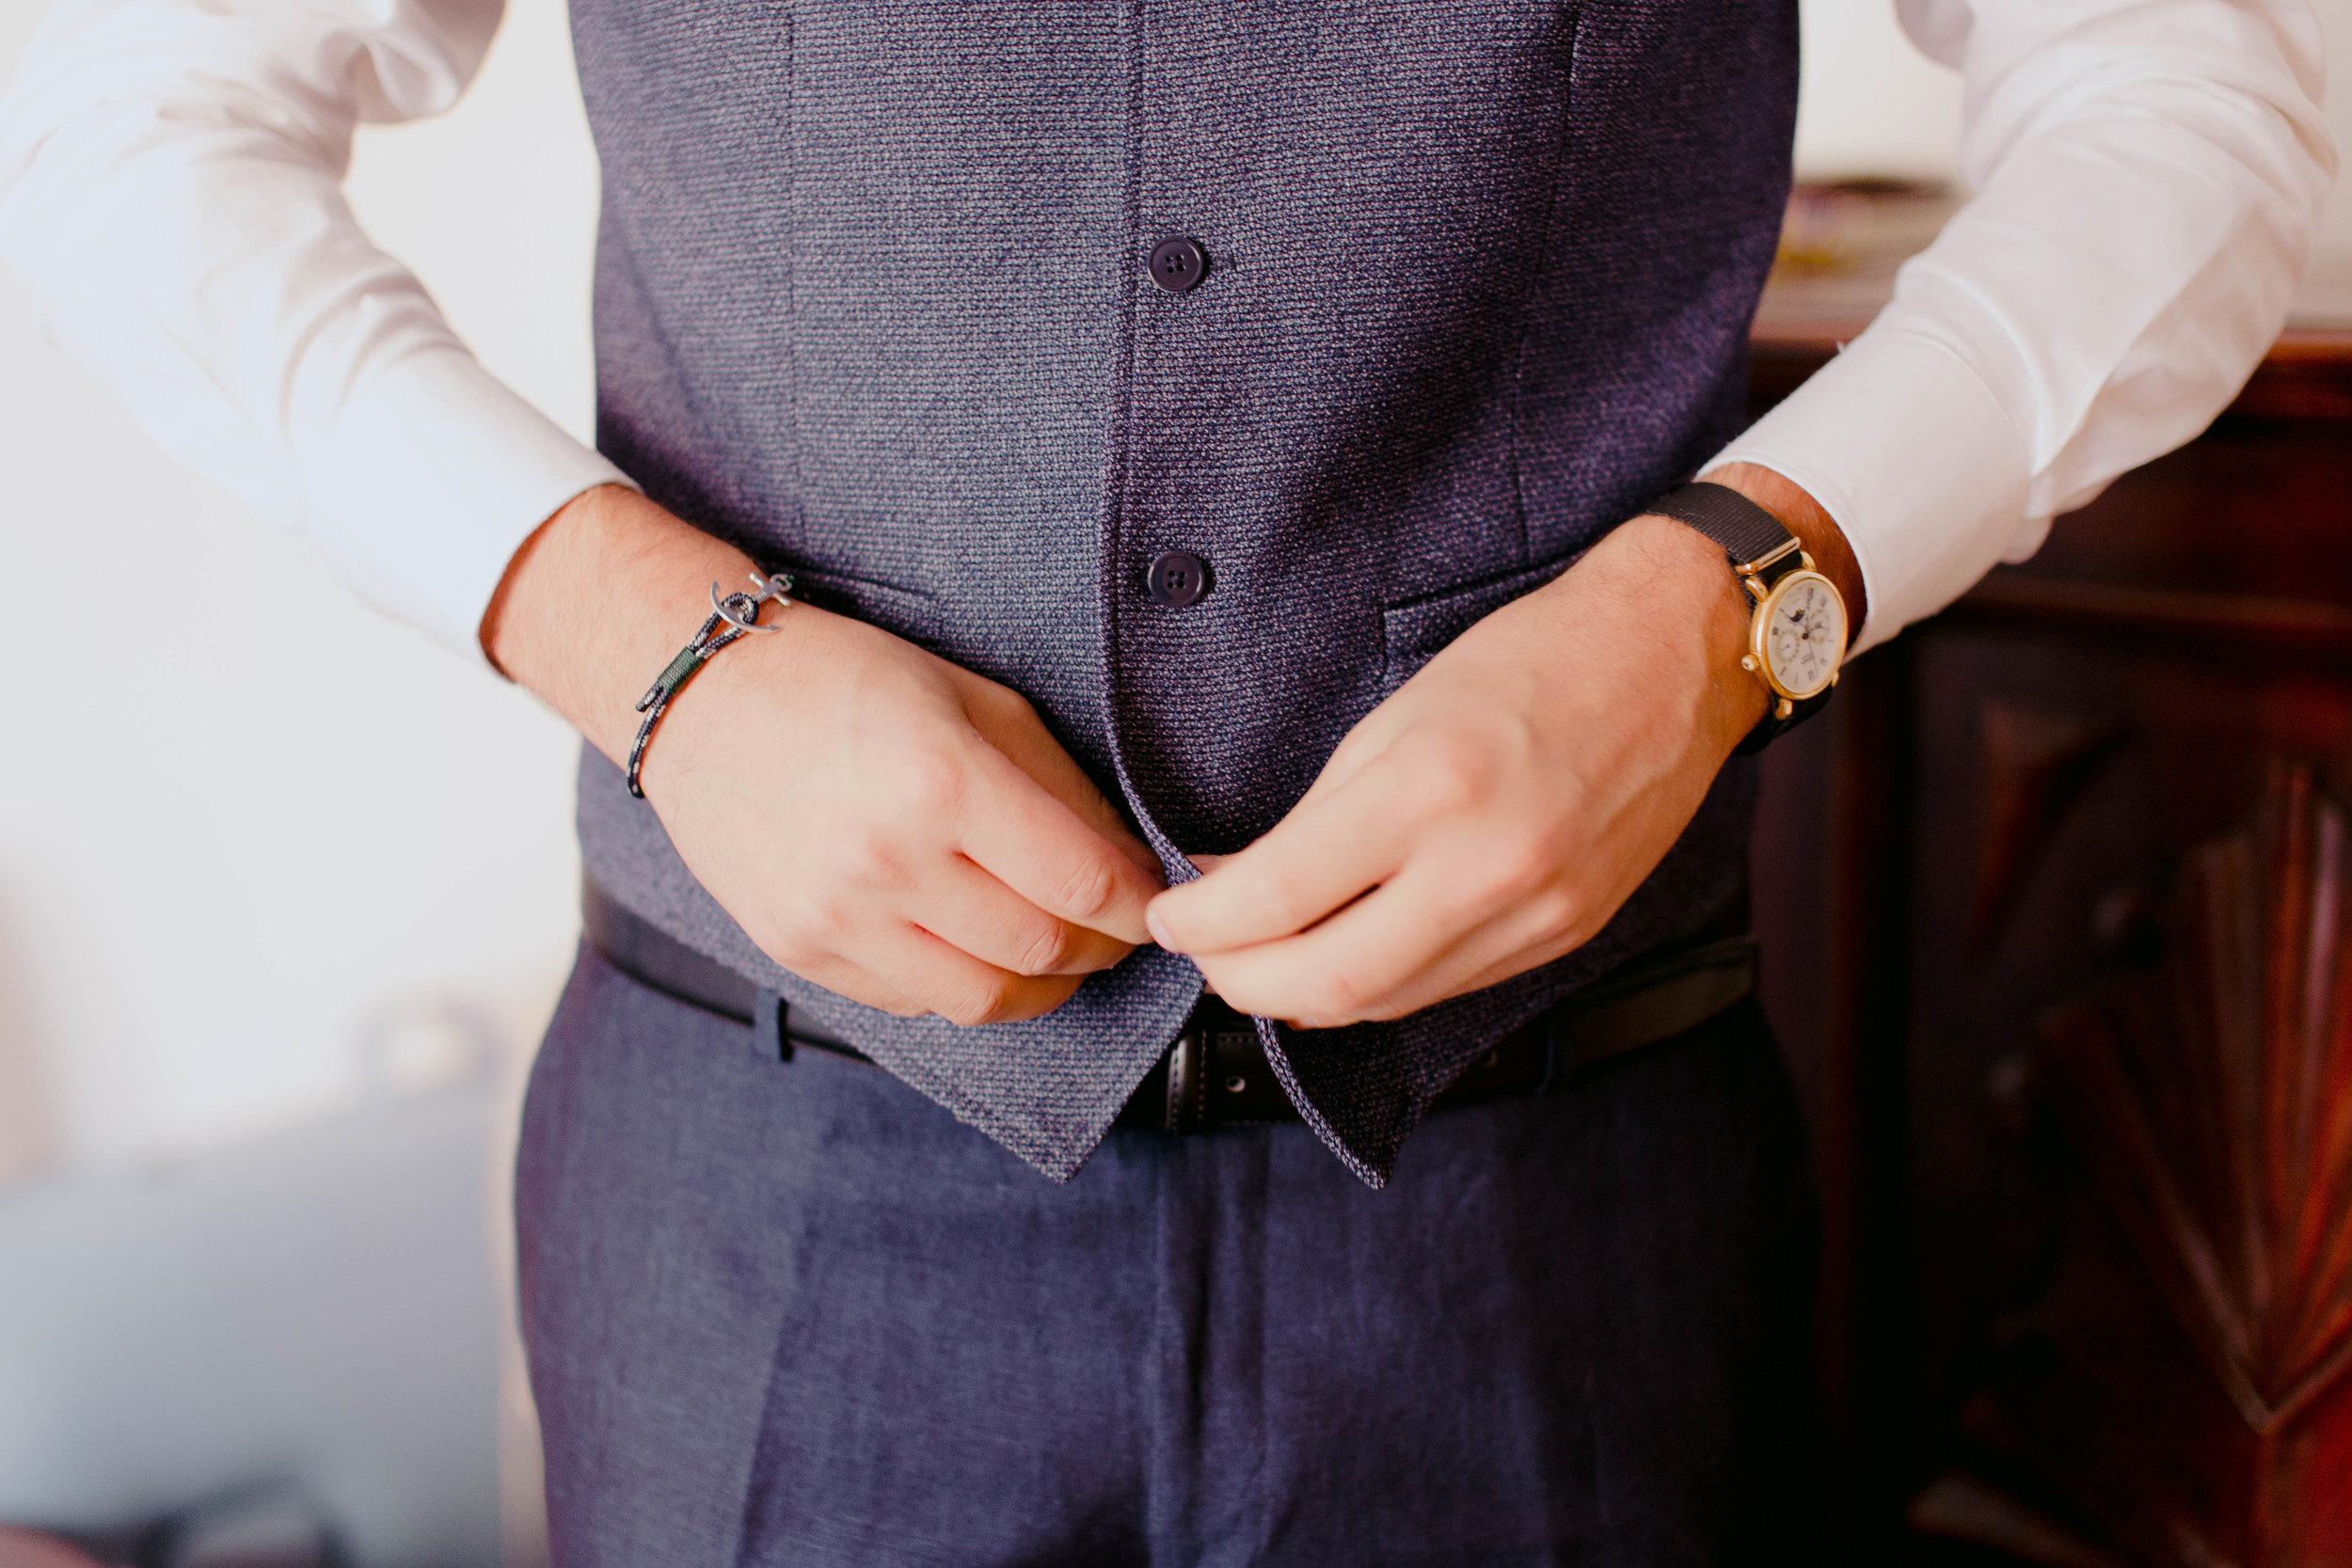 029 - Preparazione sposo.JPG